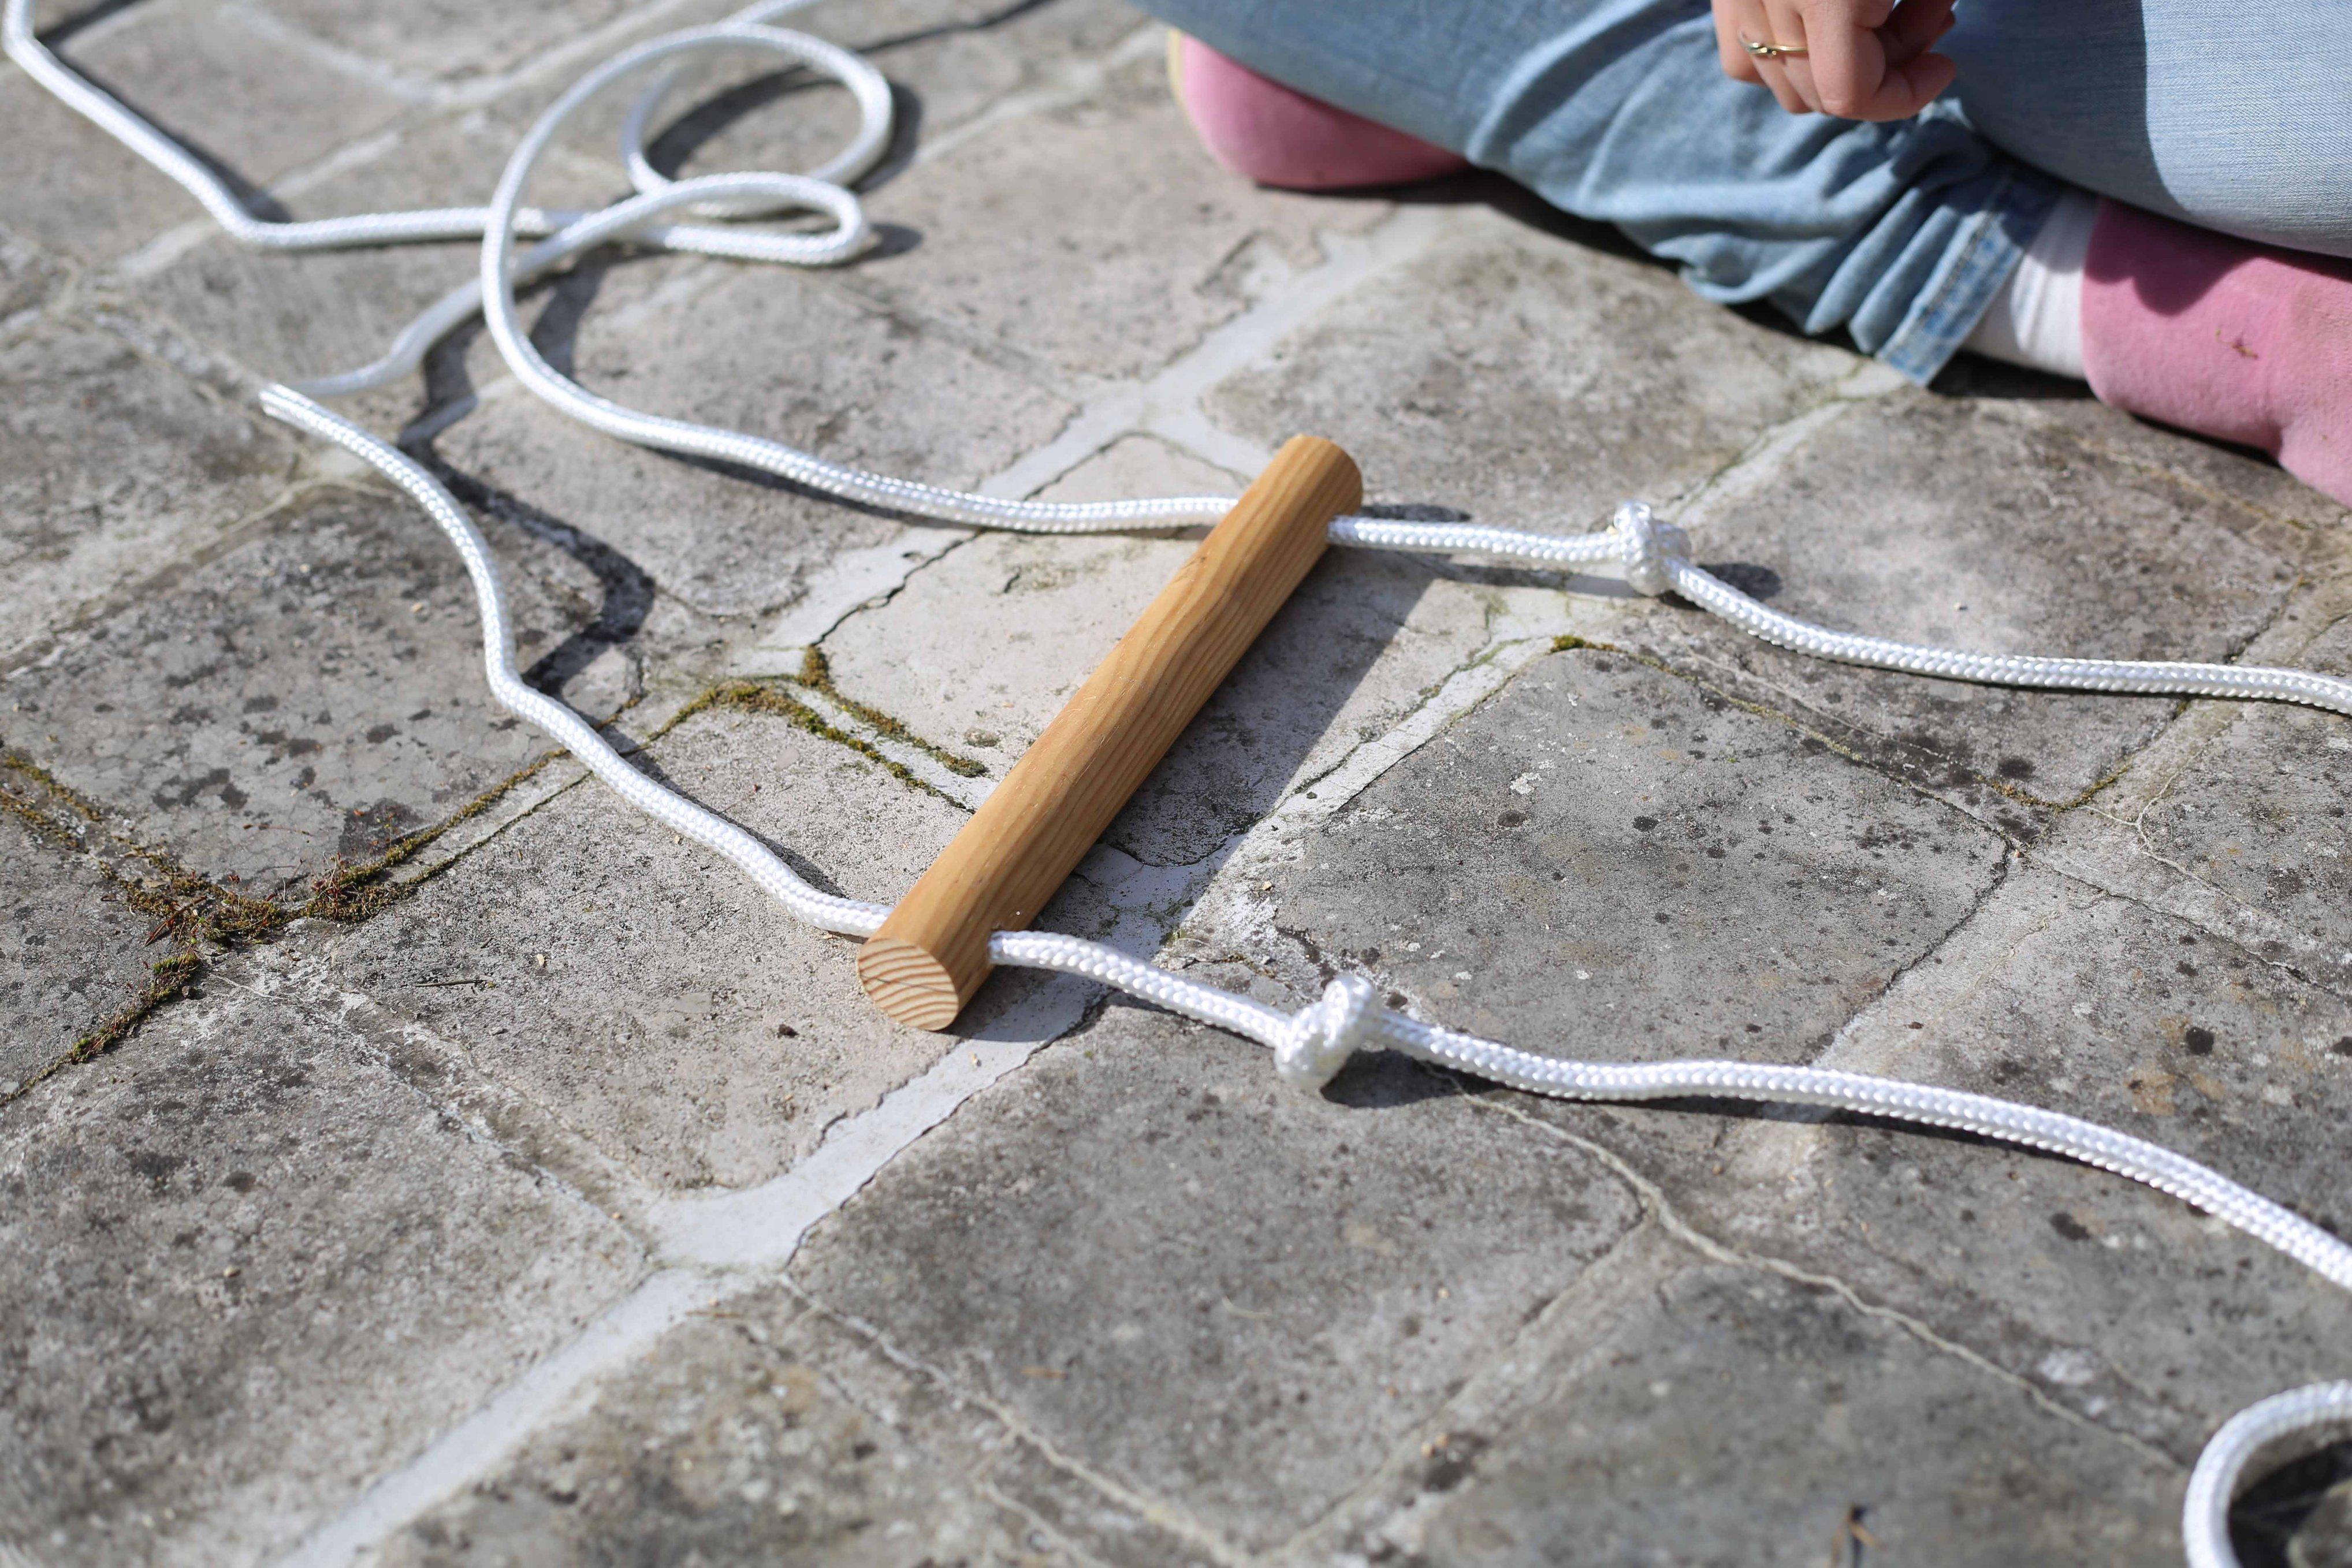 Fabriquer une chelle de corde la fabrique diy - Fabriquer une echelle en bois ...